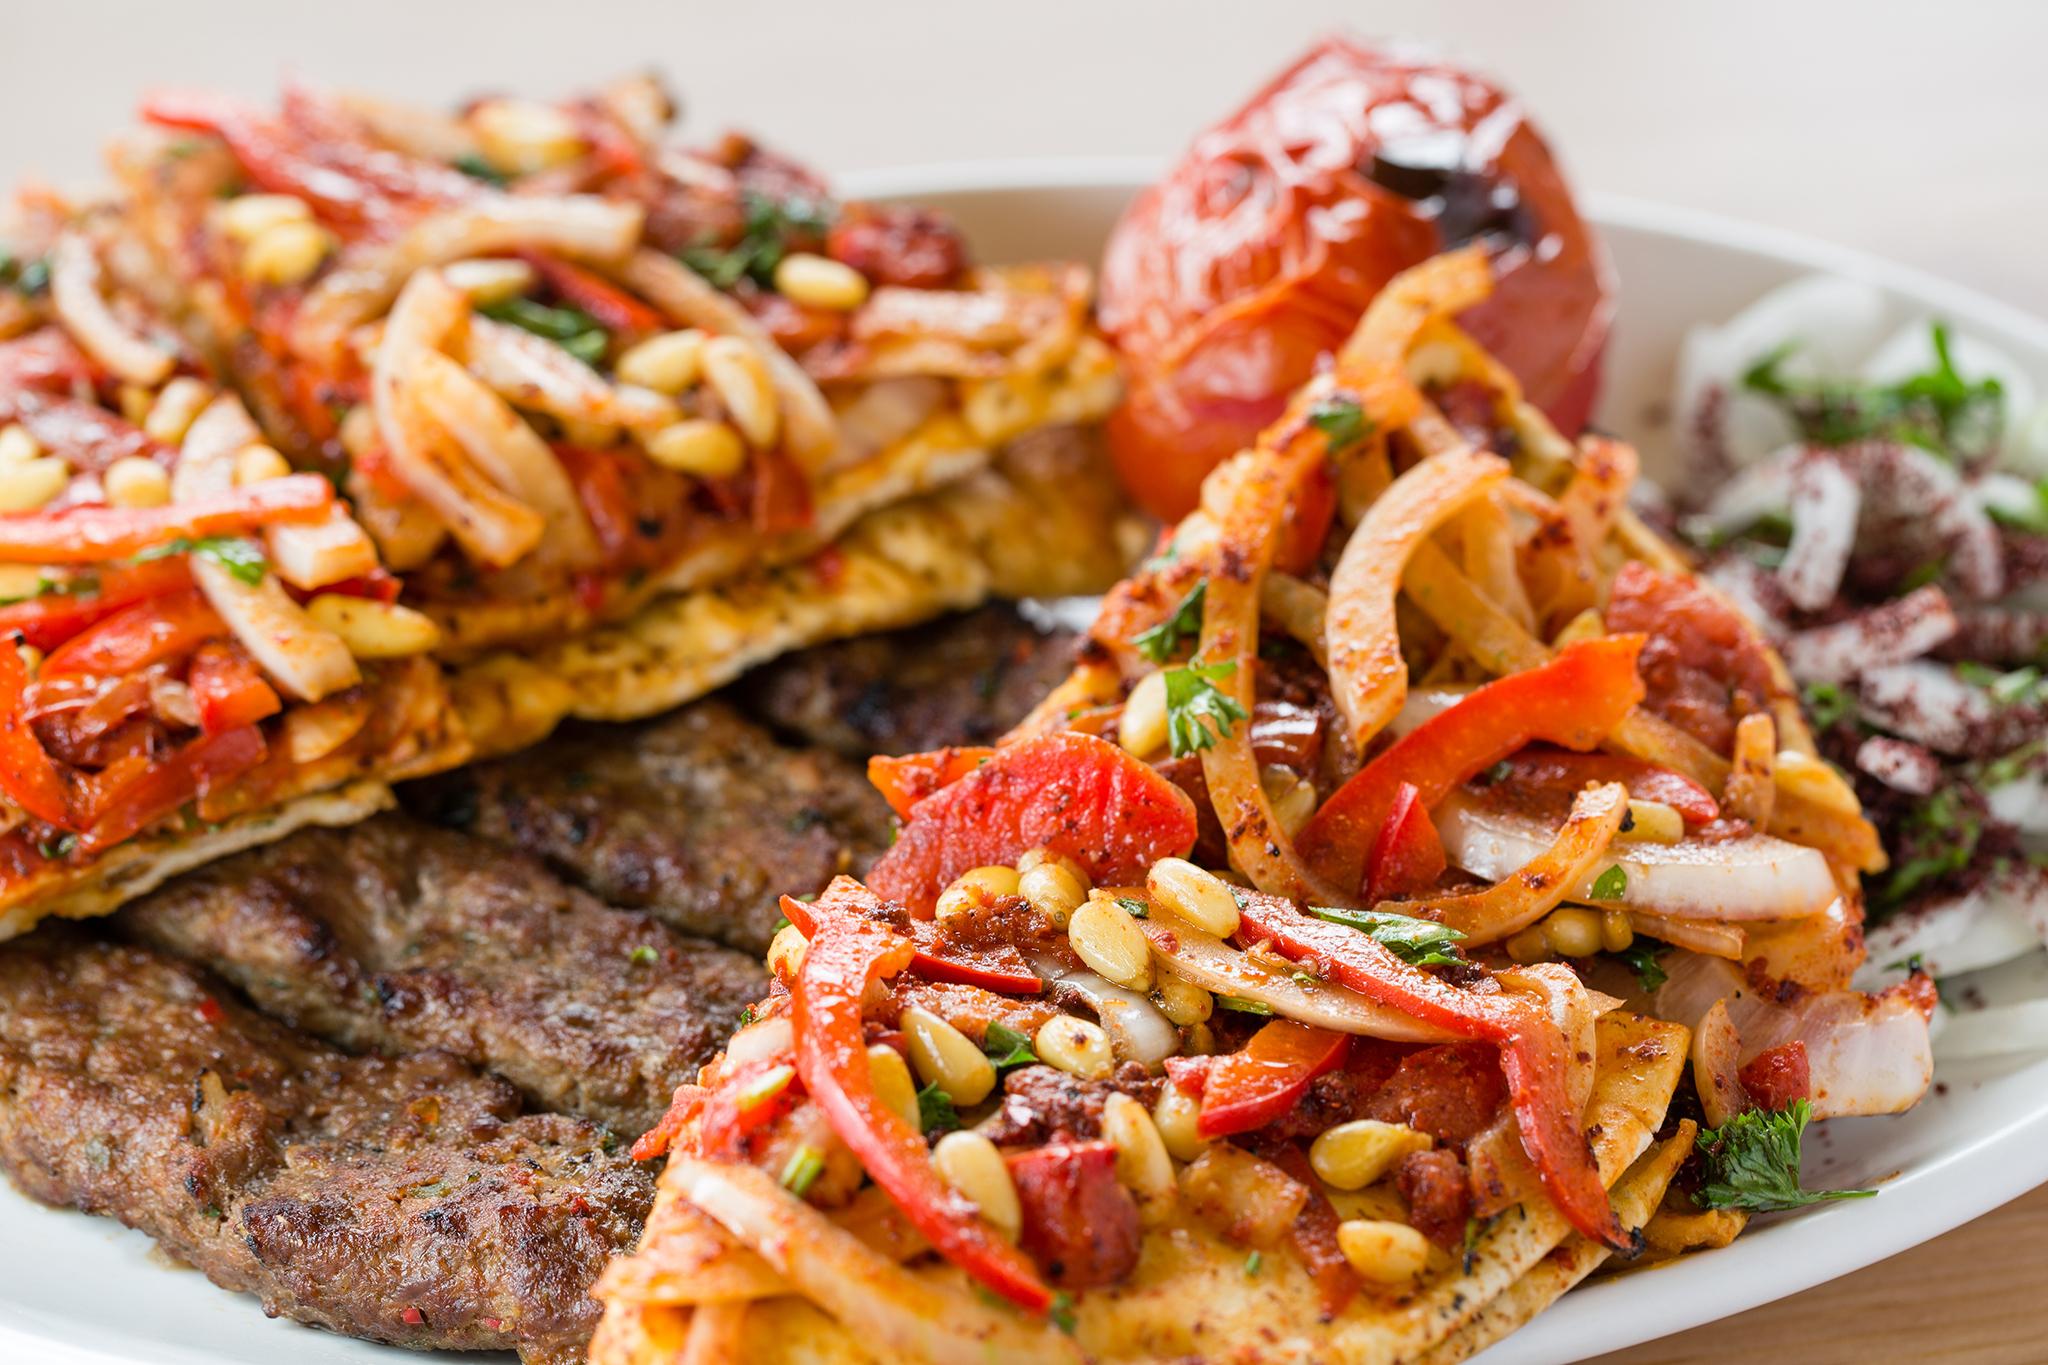 Antakali Kebab at Kebab Halebi